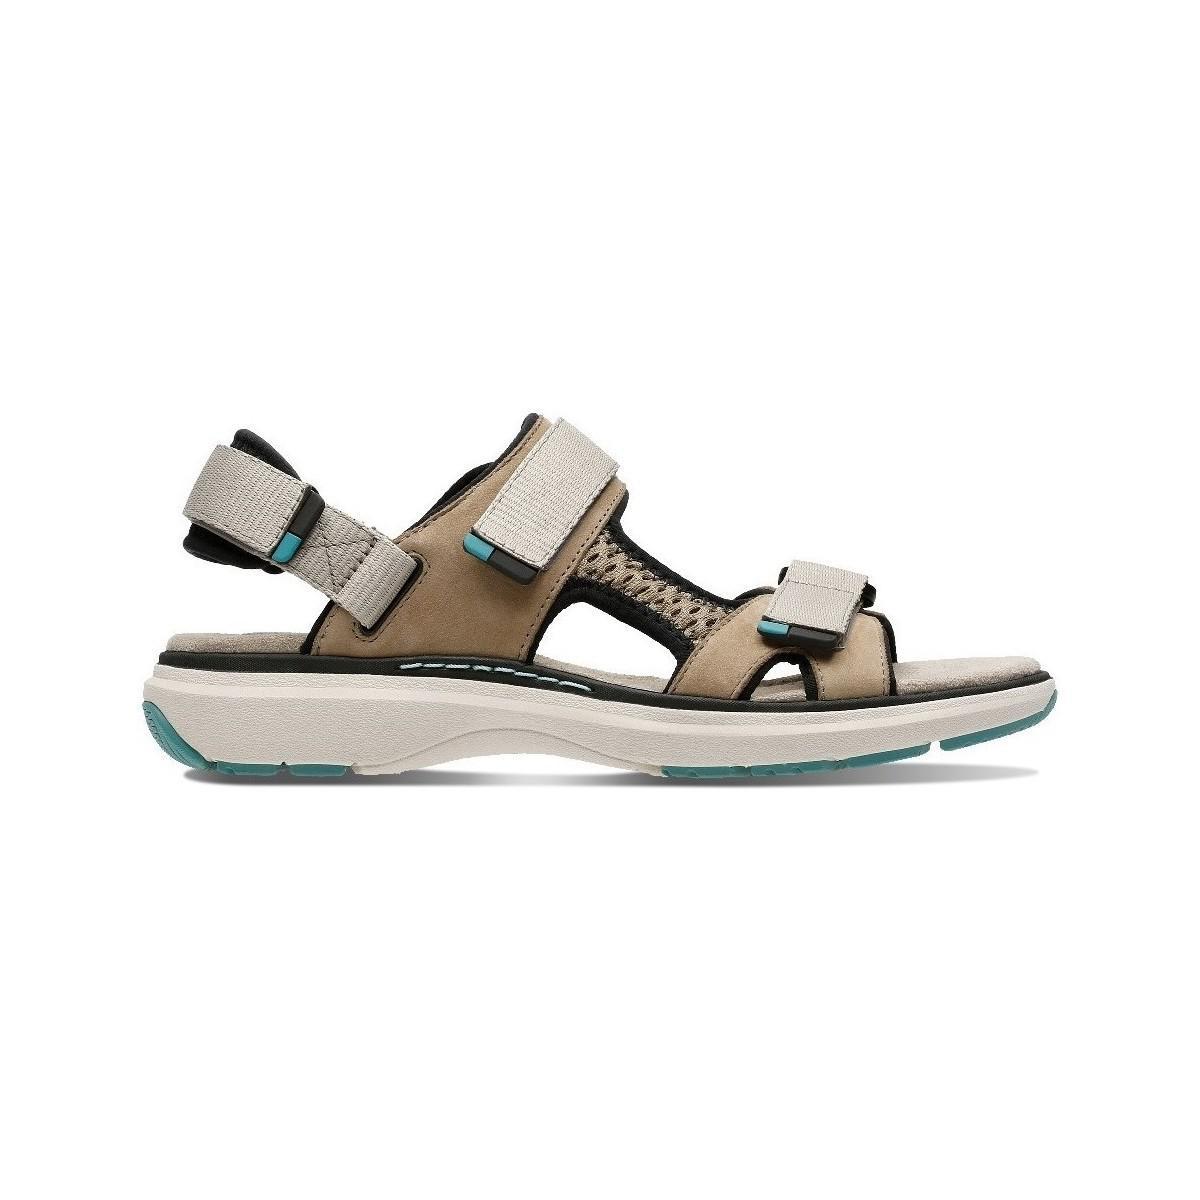 24e0a365dfb7 Clarks Un Roam Step Women s Sandals In Gold in Metallic - Lyst